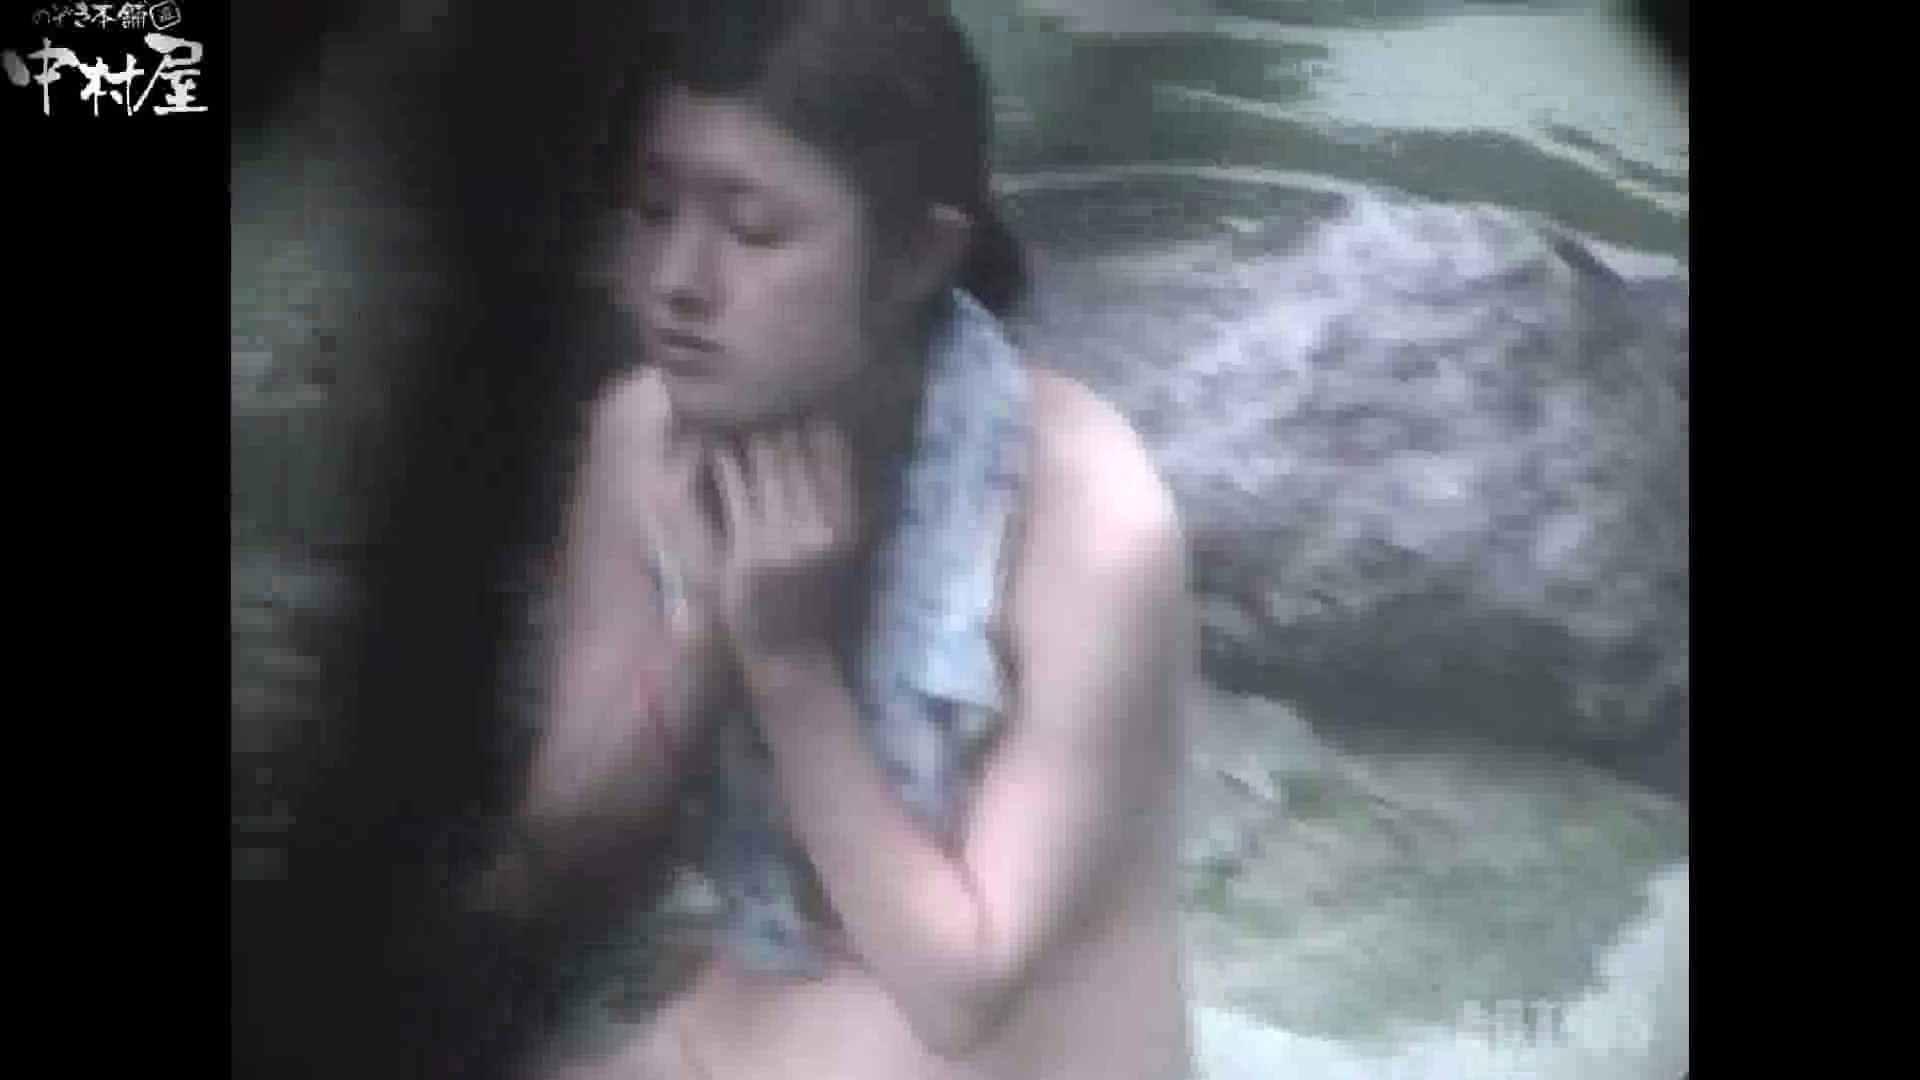 Aquaな露天風呂Vol.867潜入盗撮露天風呂参判湯 其の八 盗撮 | 潜入  103連発 17